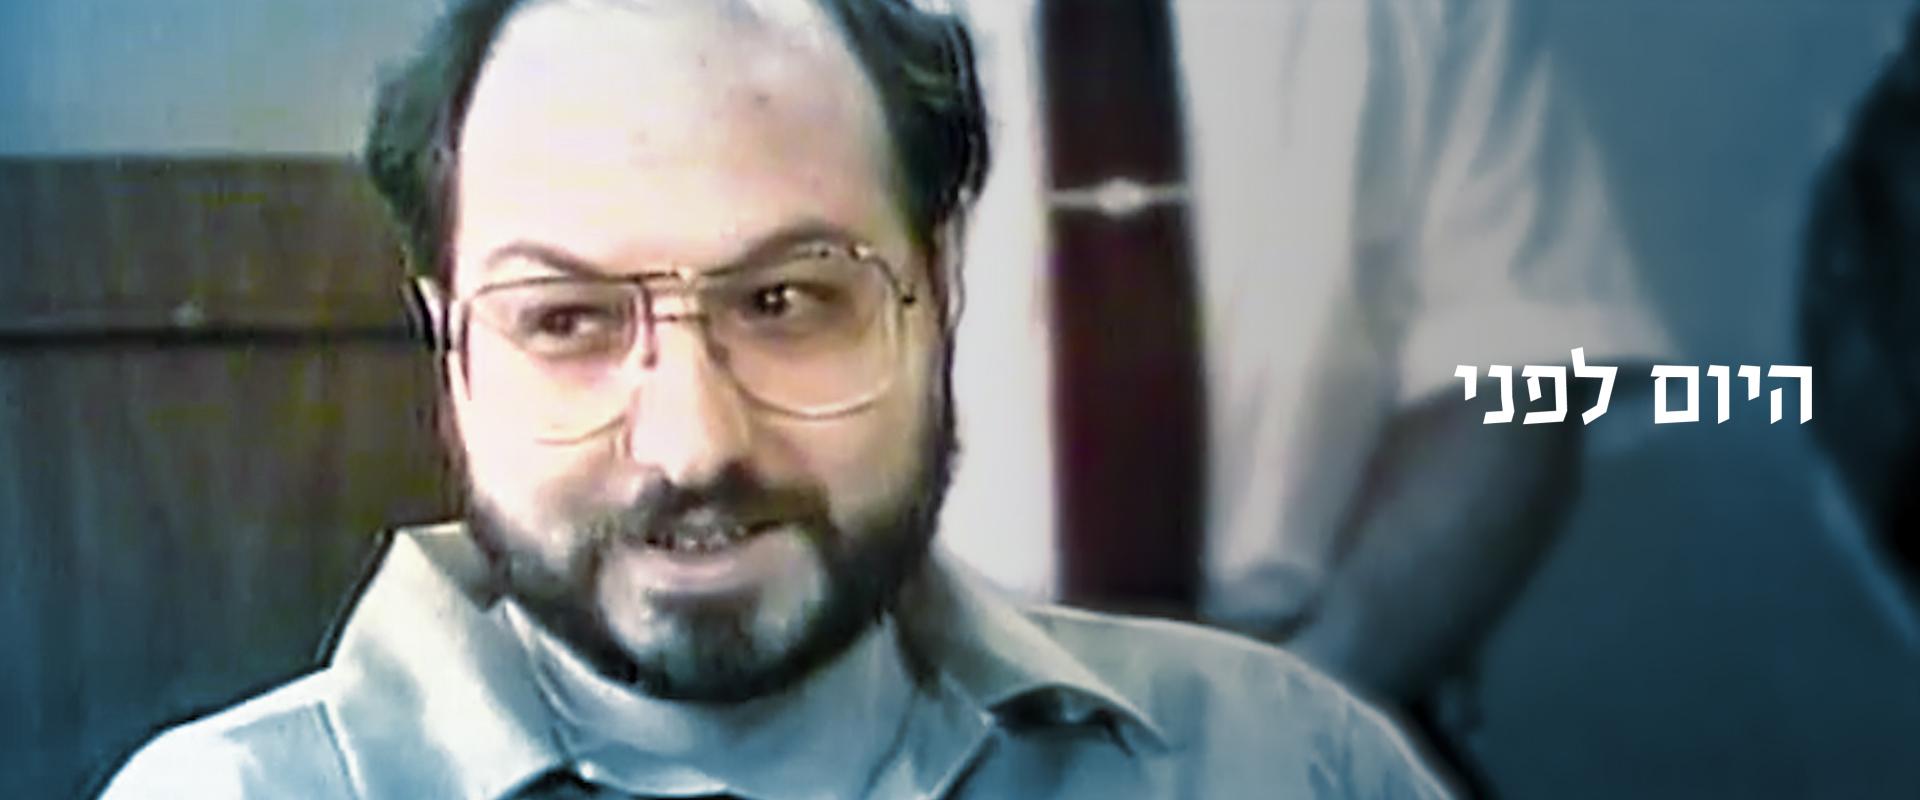 34 שנים למעצר יונתן פולארד